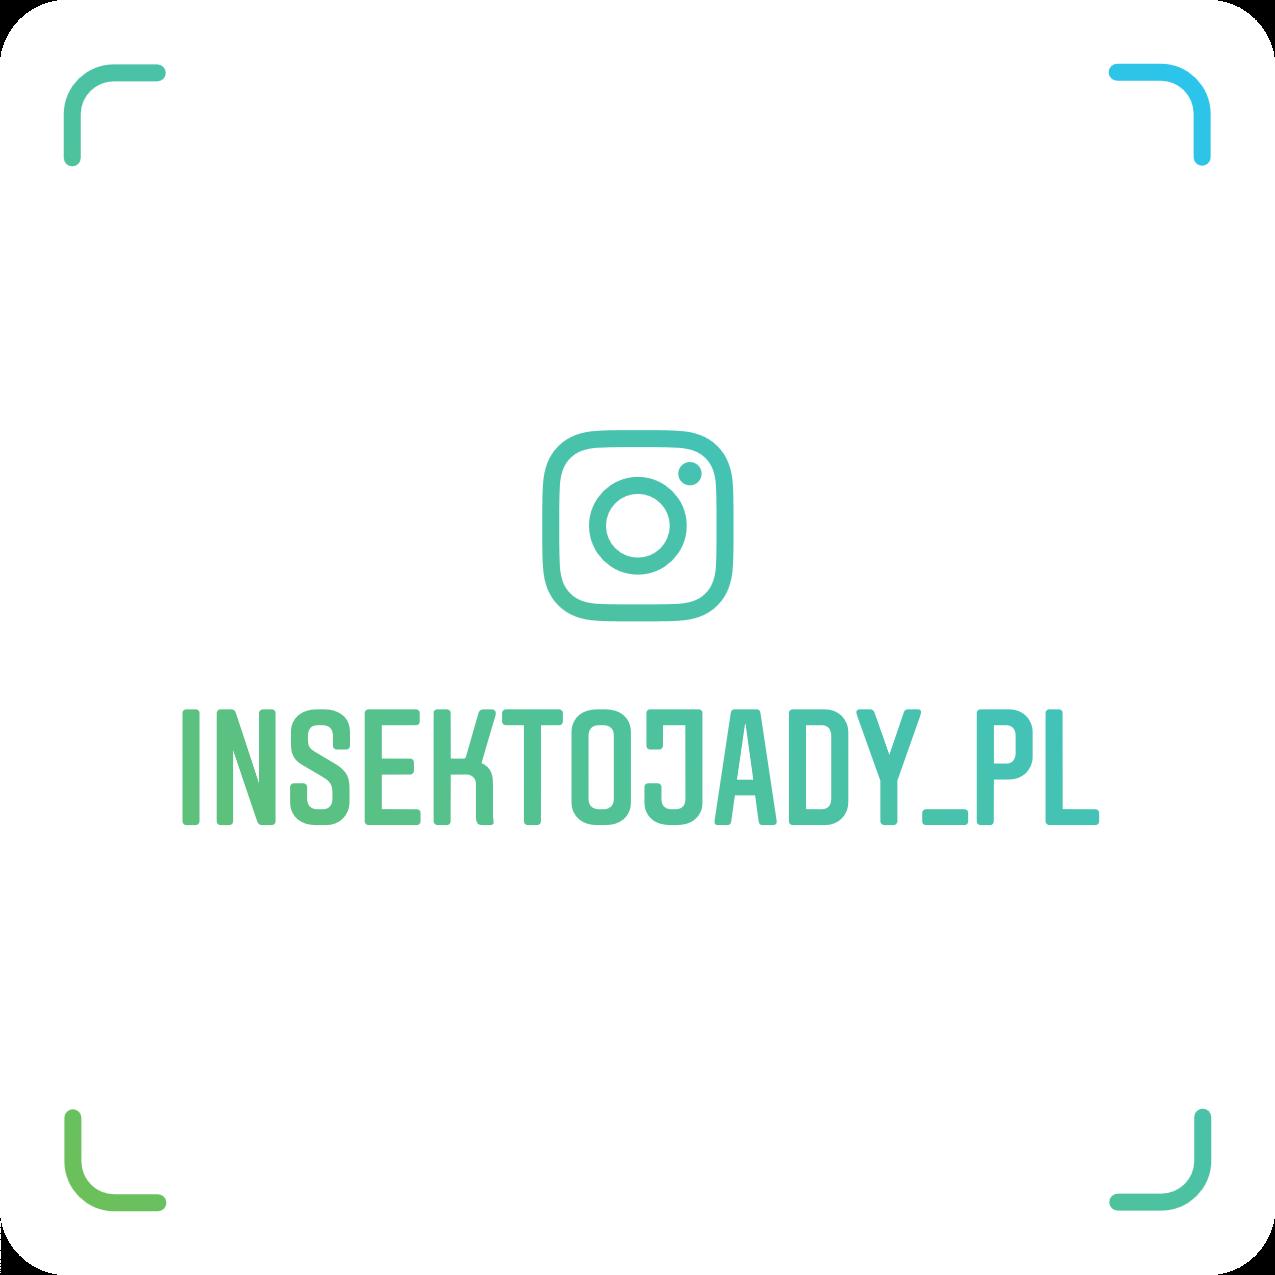 Instagram insektojadów Przejdź na instagram insektojadów, kliknij w obrazek lub zeskanuj